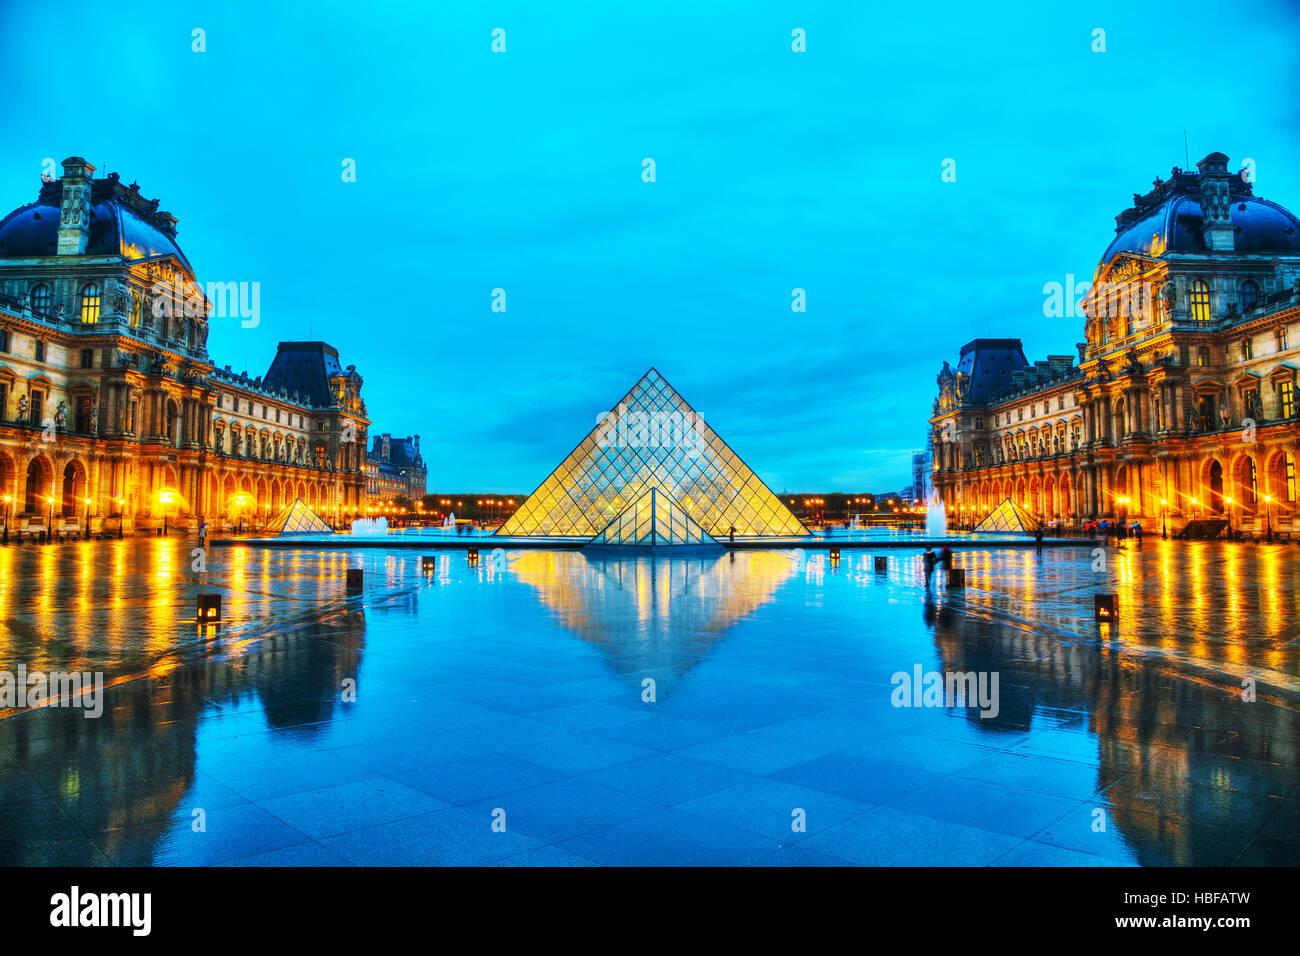 París - 4 de noviembre: La Pirámide del Louvre el 4 de noviembre de 2016 en París, Francia. Sirve como la entrada principal al Museo del Louvre. Completado en 1989 Foto de stock